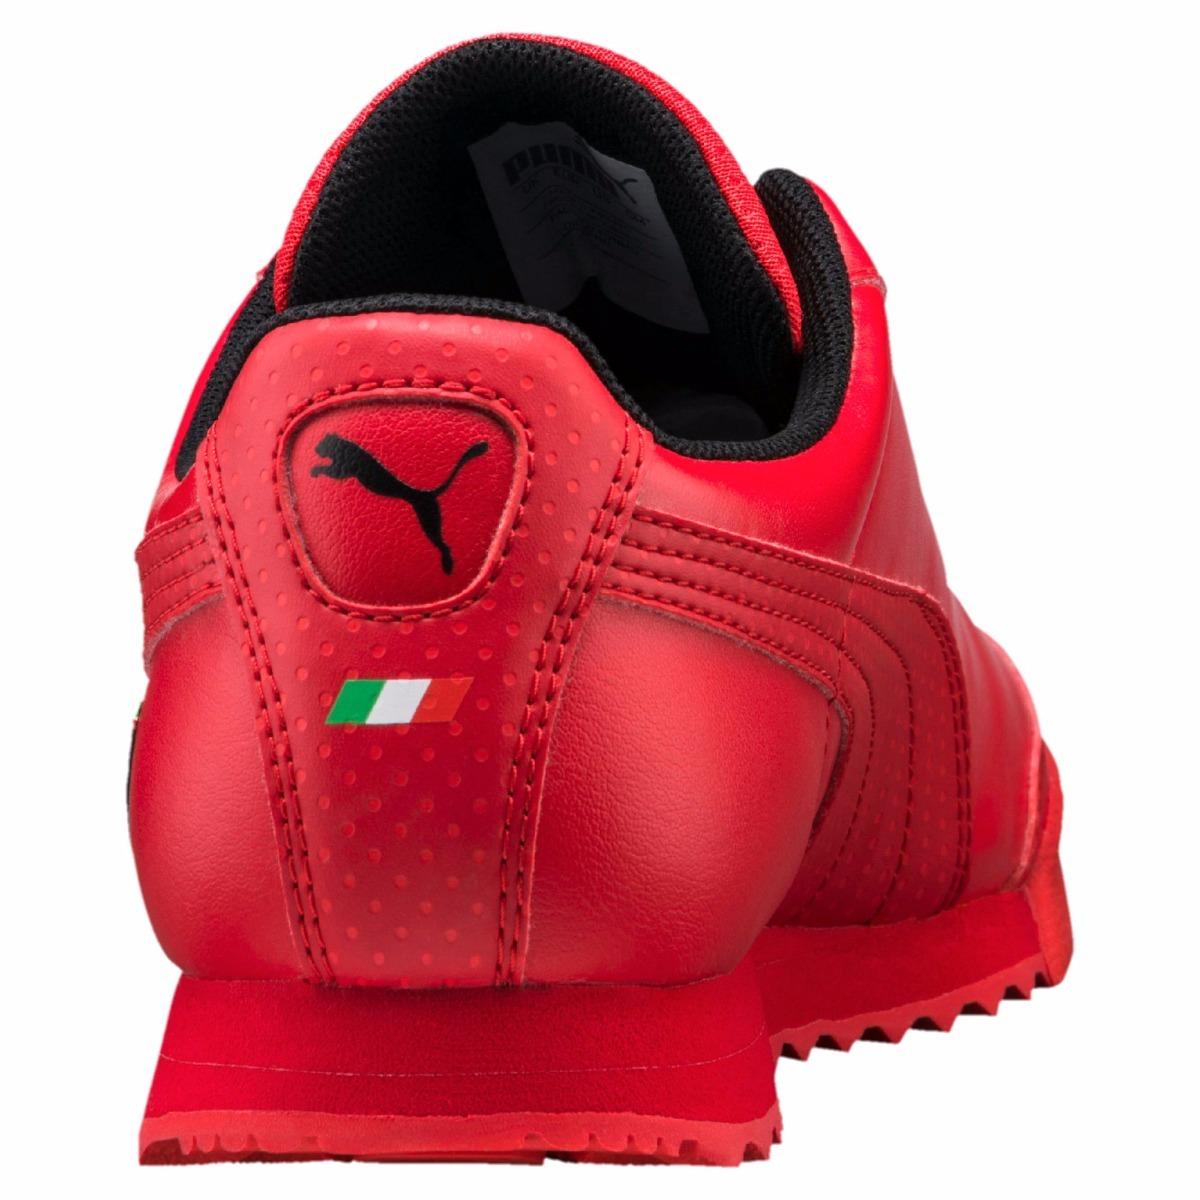 1a3047359 Tenis Puma Ferrari Roma Jr 364188 01 - $ 1,350.00 en Mercado Libre